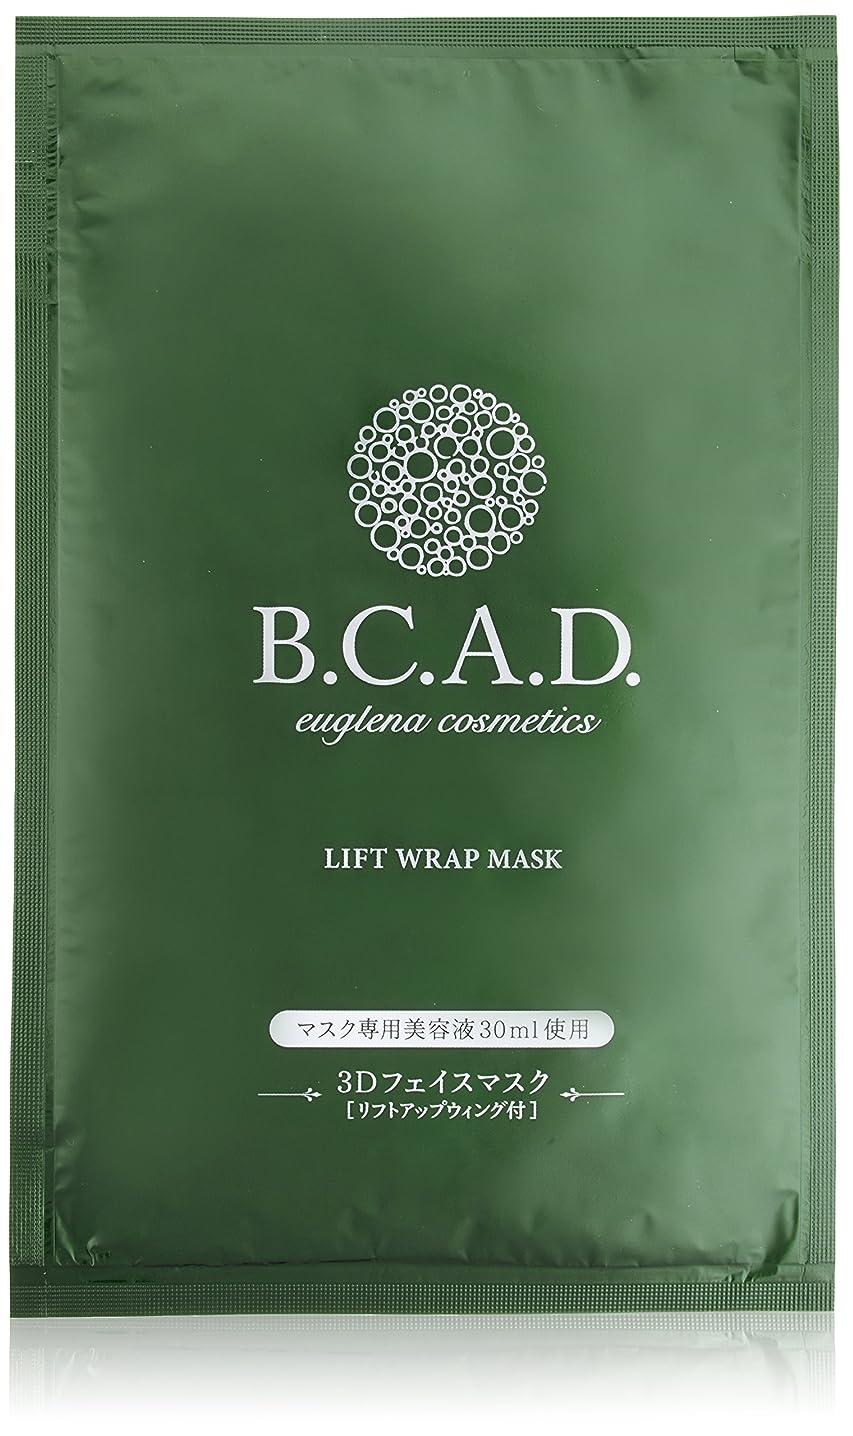 私火アイデアビーシーエーディー B.C.A.D. リフトラップマスク 1枚